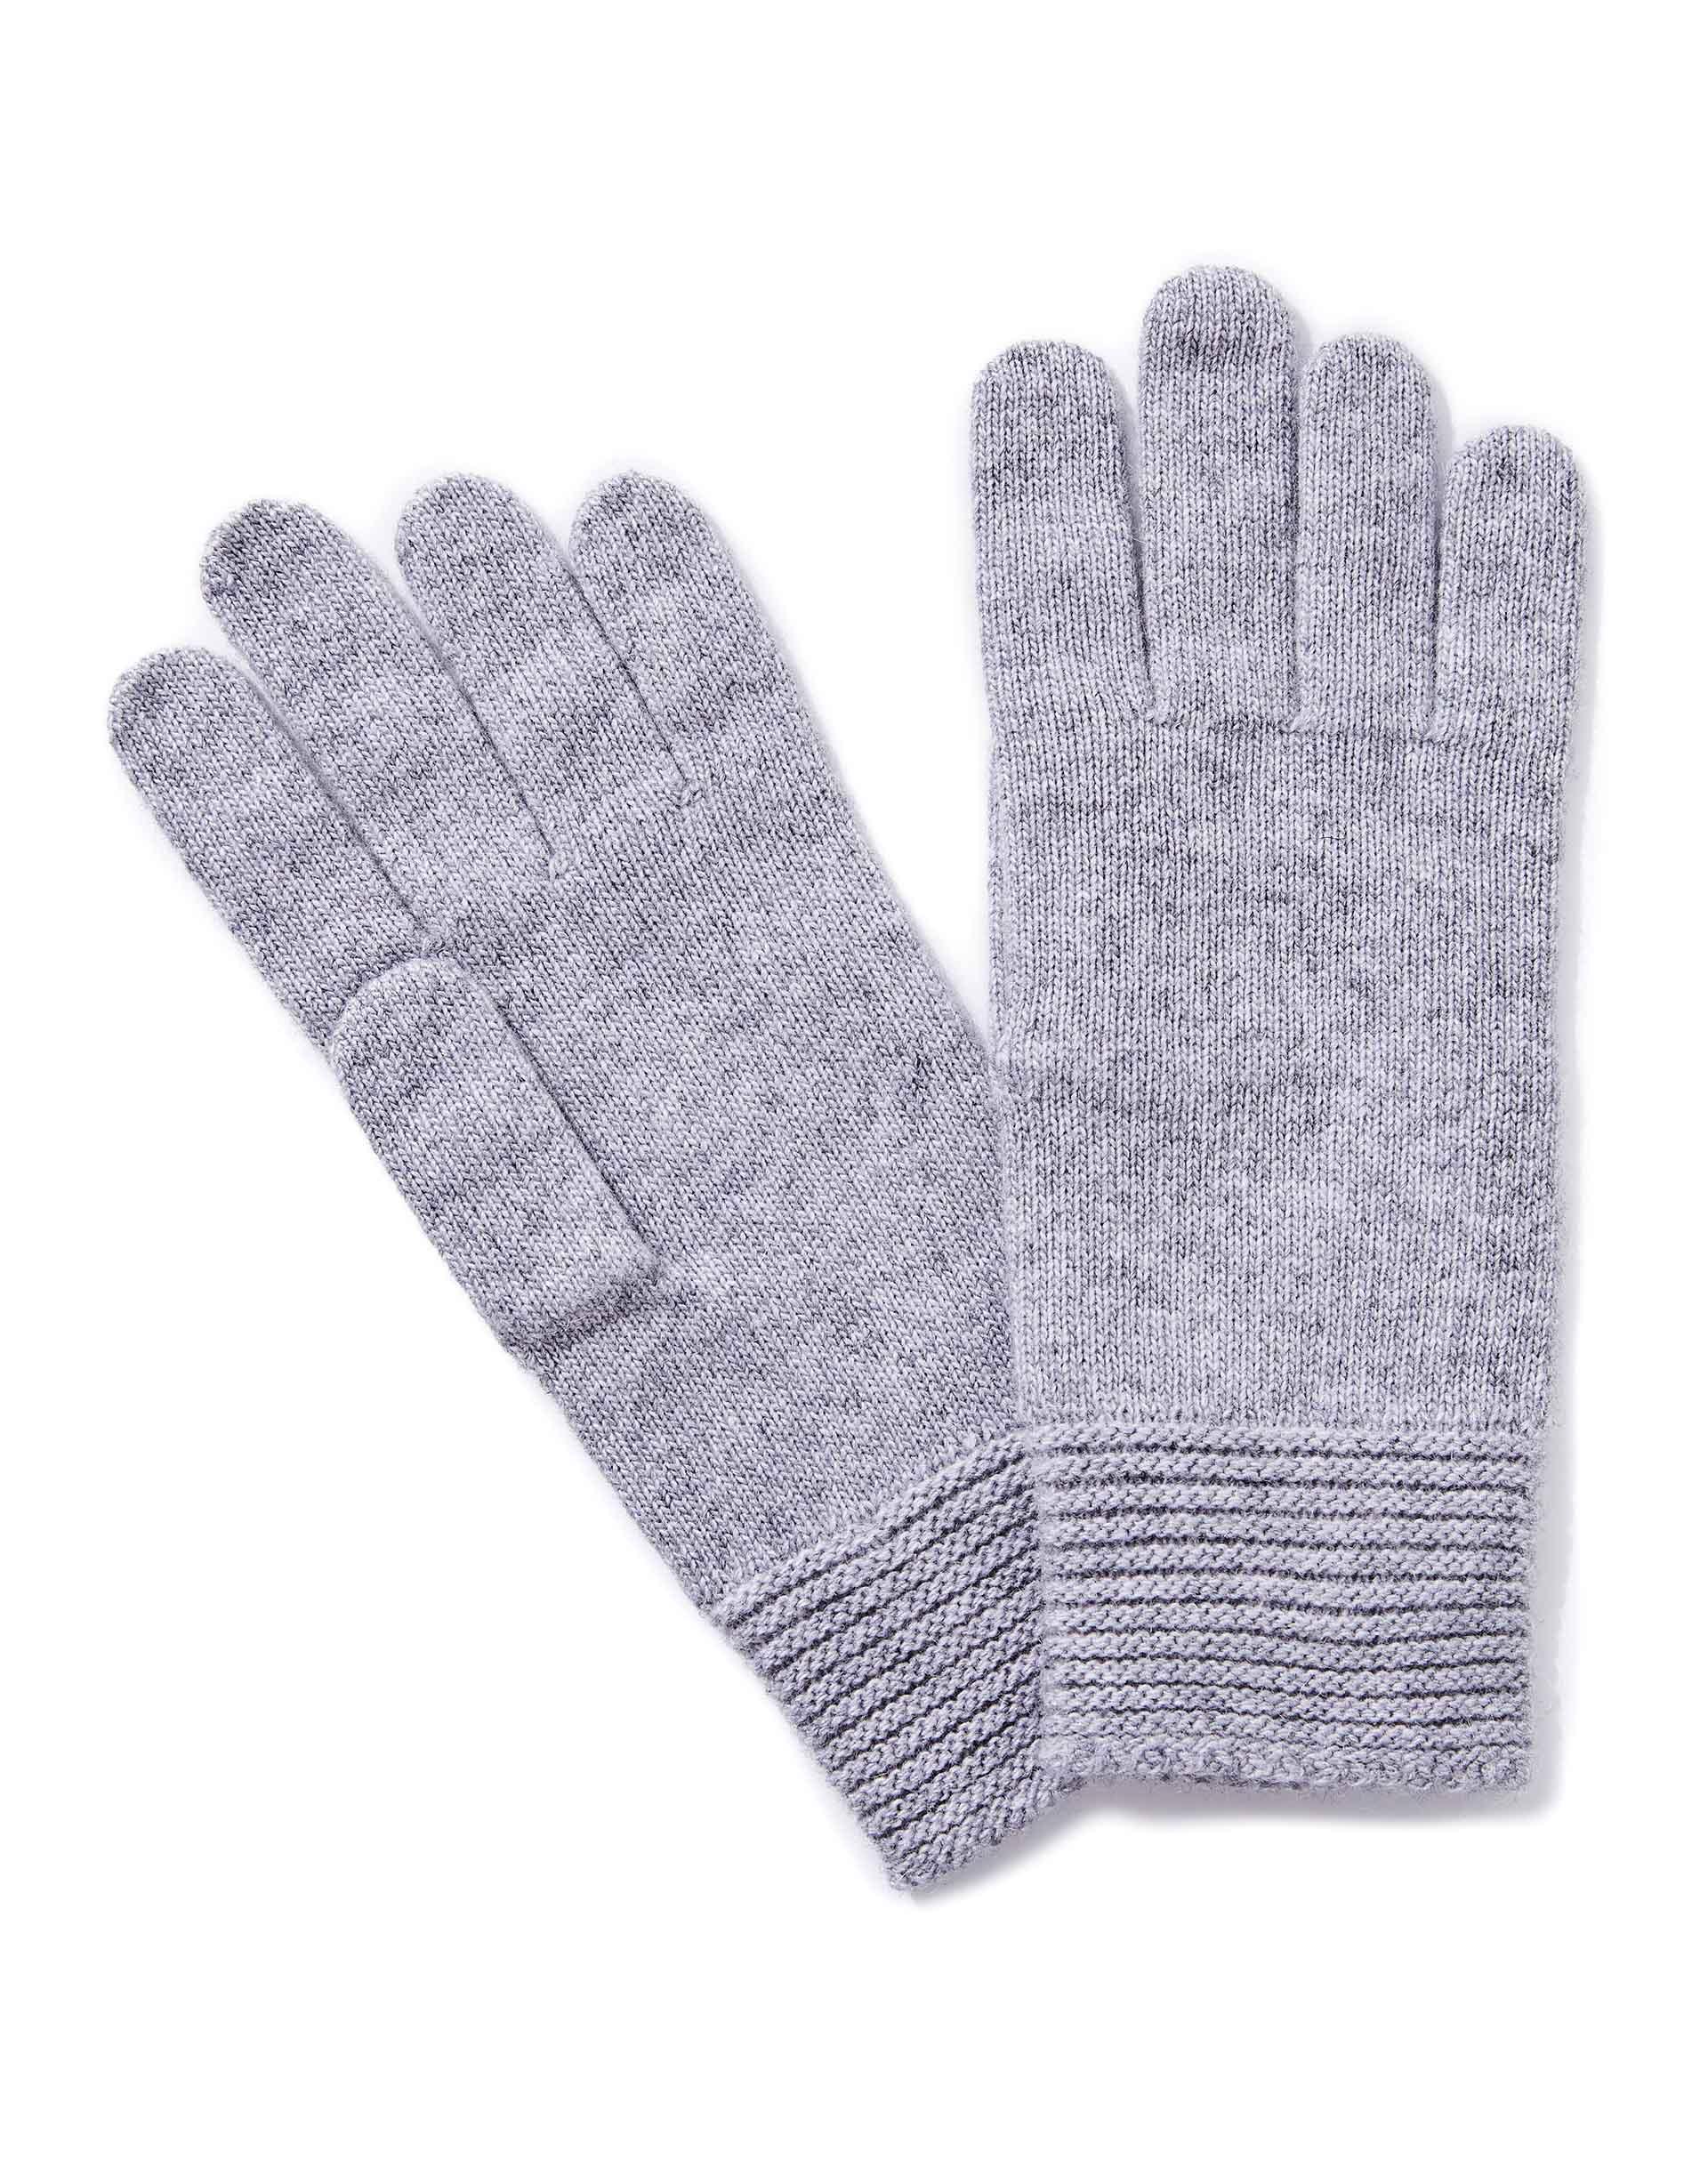 ПерчаткиПерчатки<br>Женские перчатки из полушерстяной пряжи. Высокие эластичные манжеты. Универсальный размер.<br>Цвет: Серый; Размер: OS;